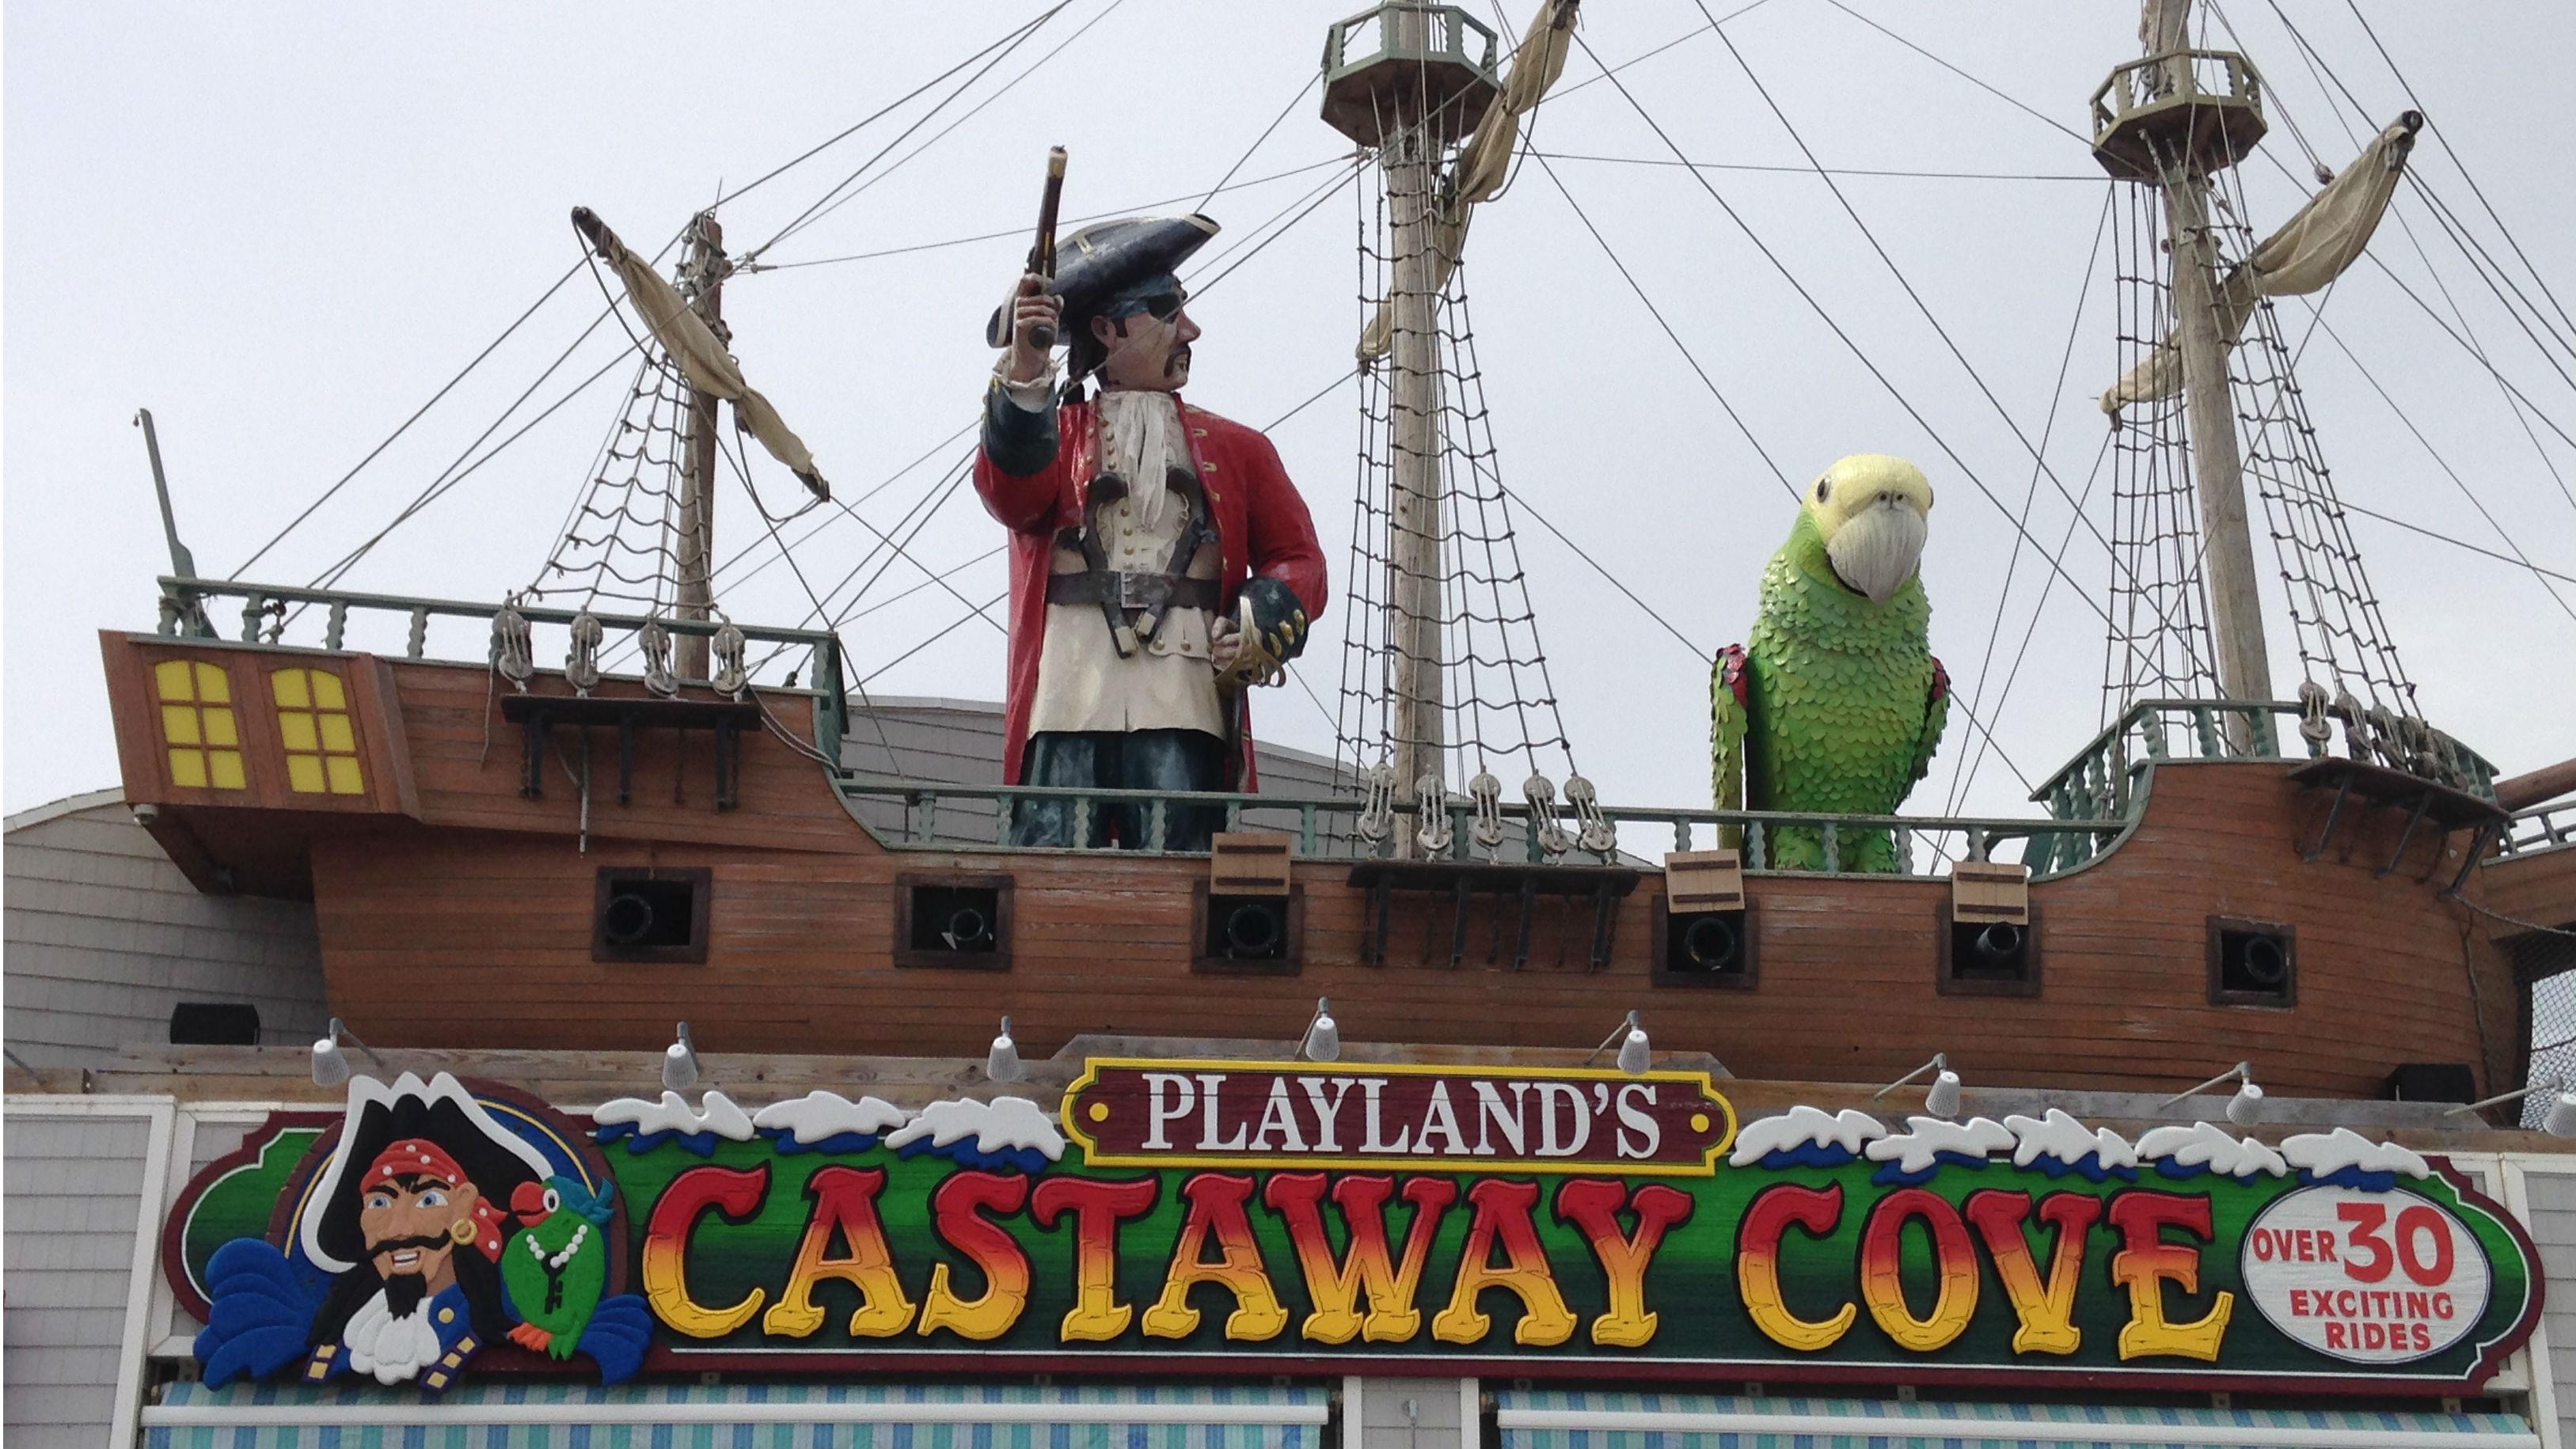 castaway-cove